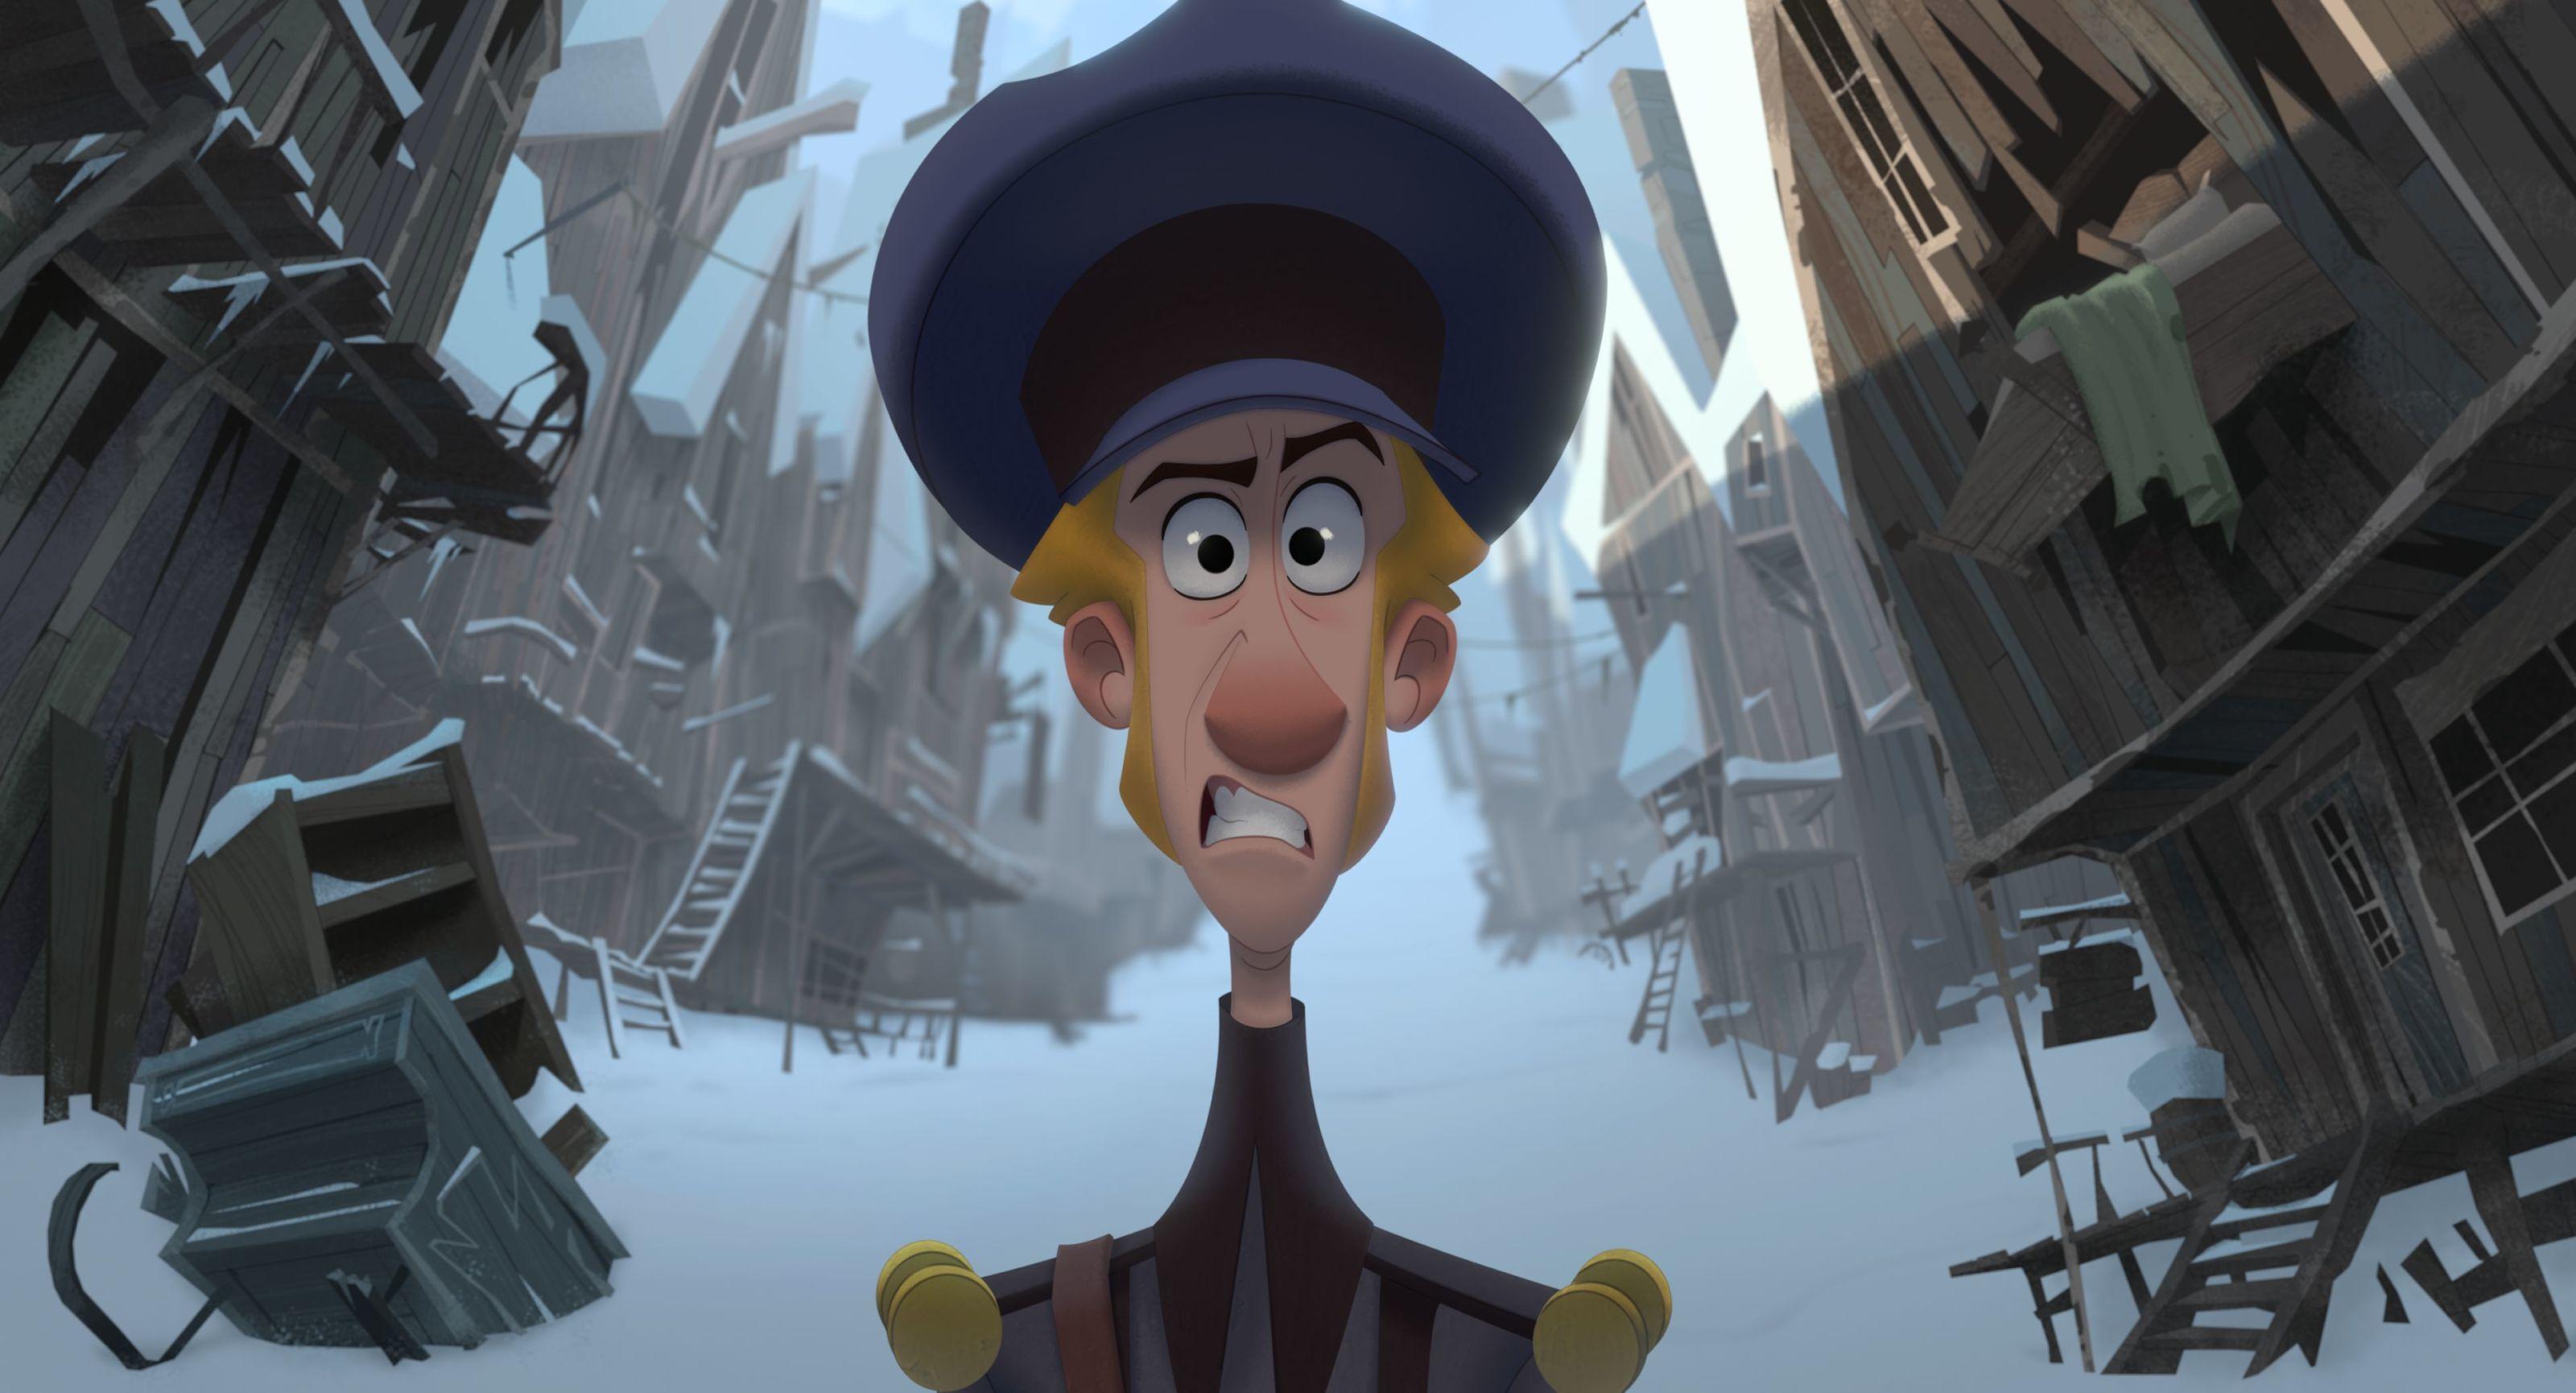 Klaus: Netflix's new animated Christmas movie looks like a hit